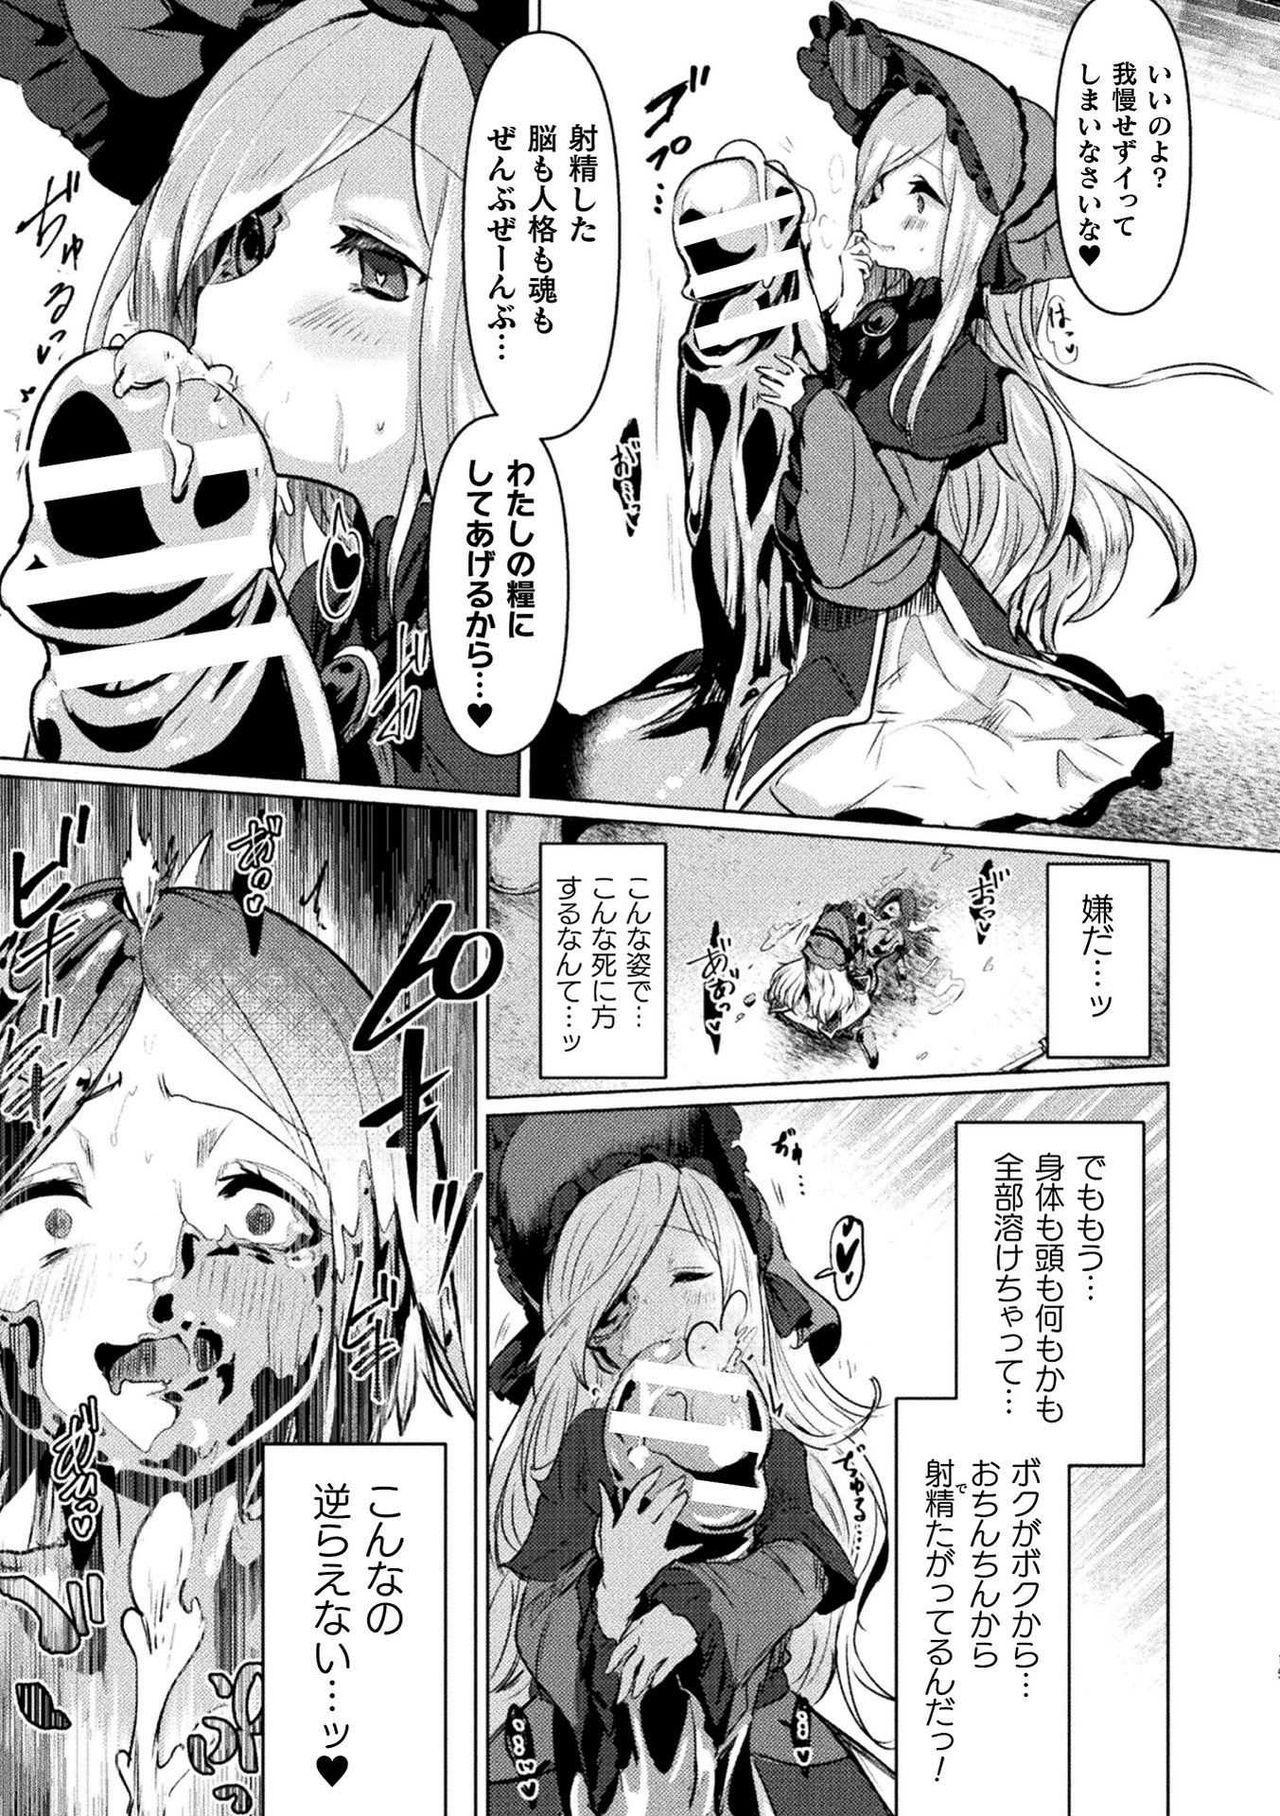 Bessatsu Comic Unreal Joutai Henka & Nikutai Kaizou Hen Vol. 2 16